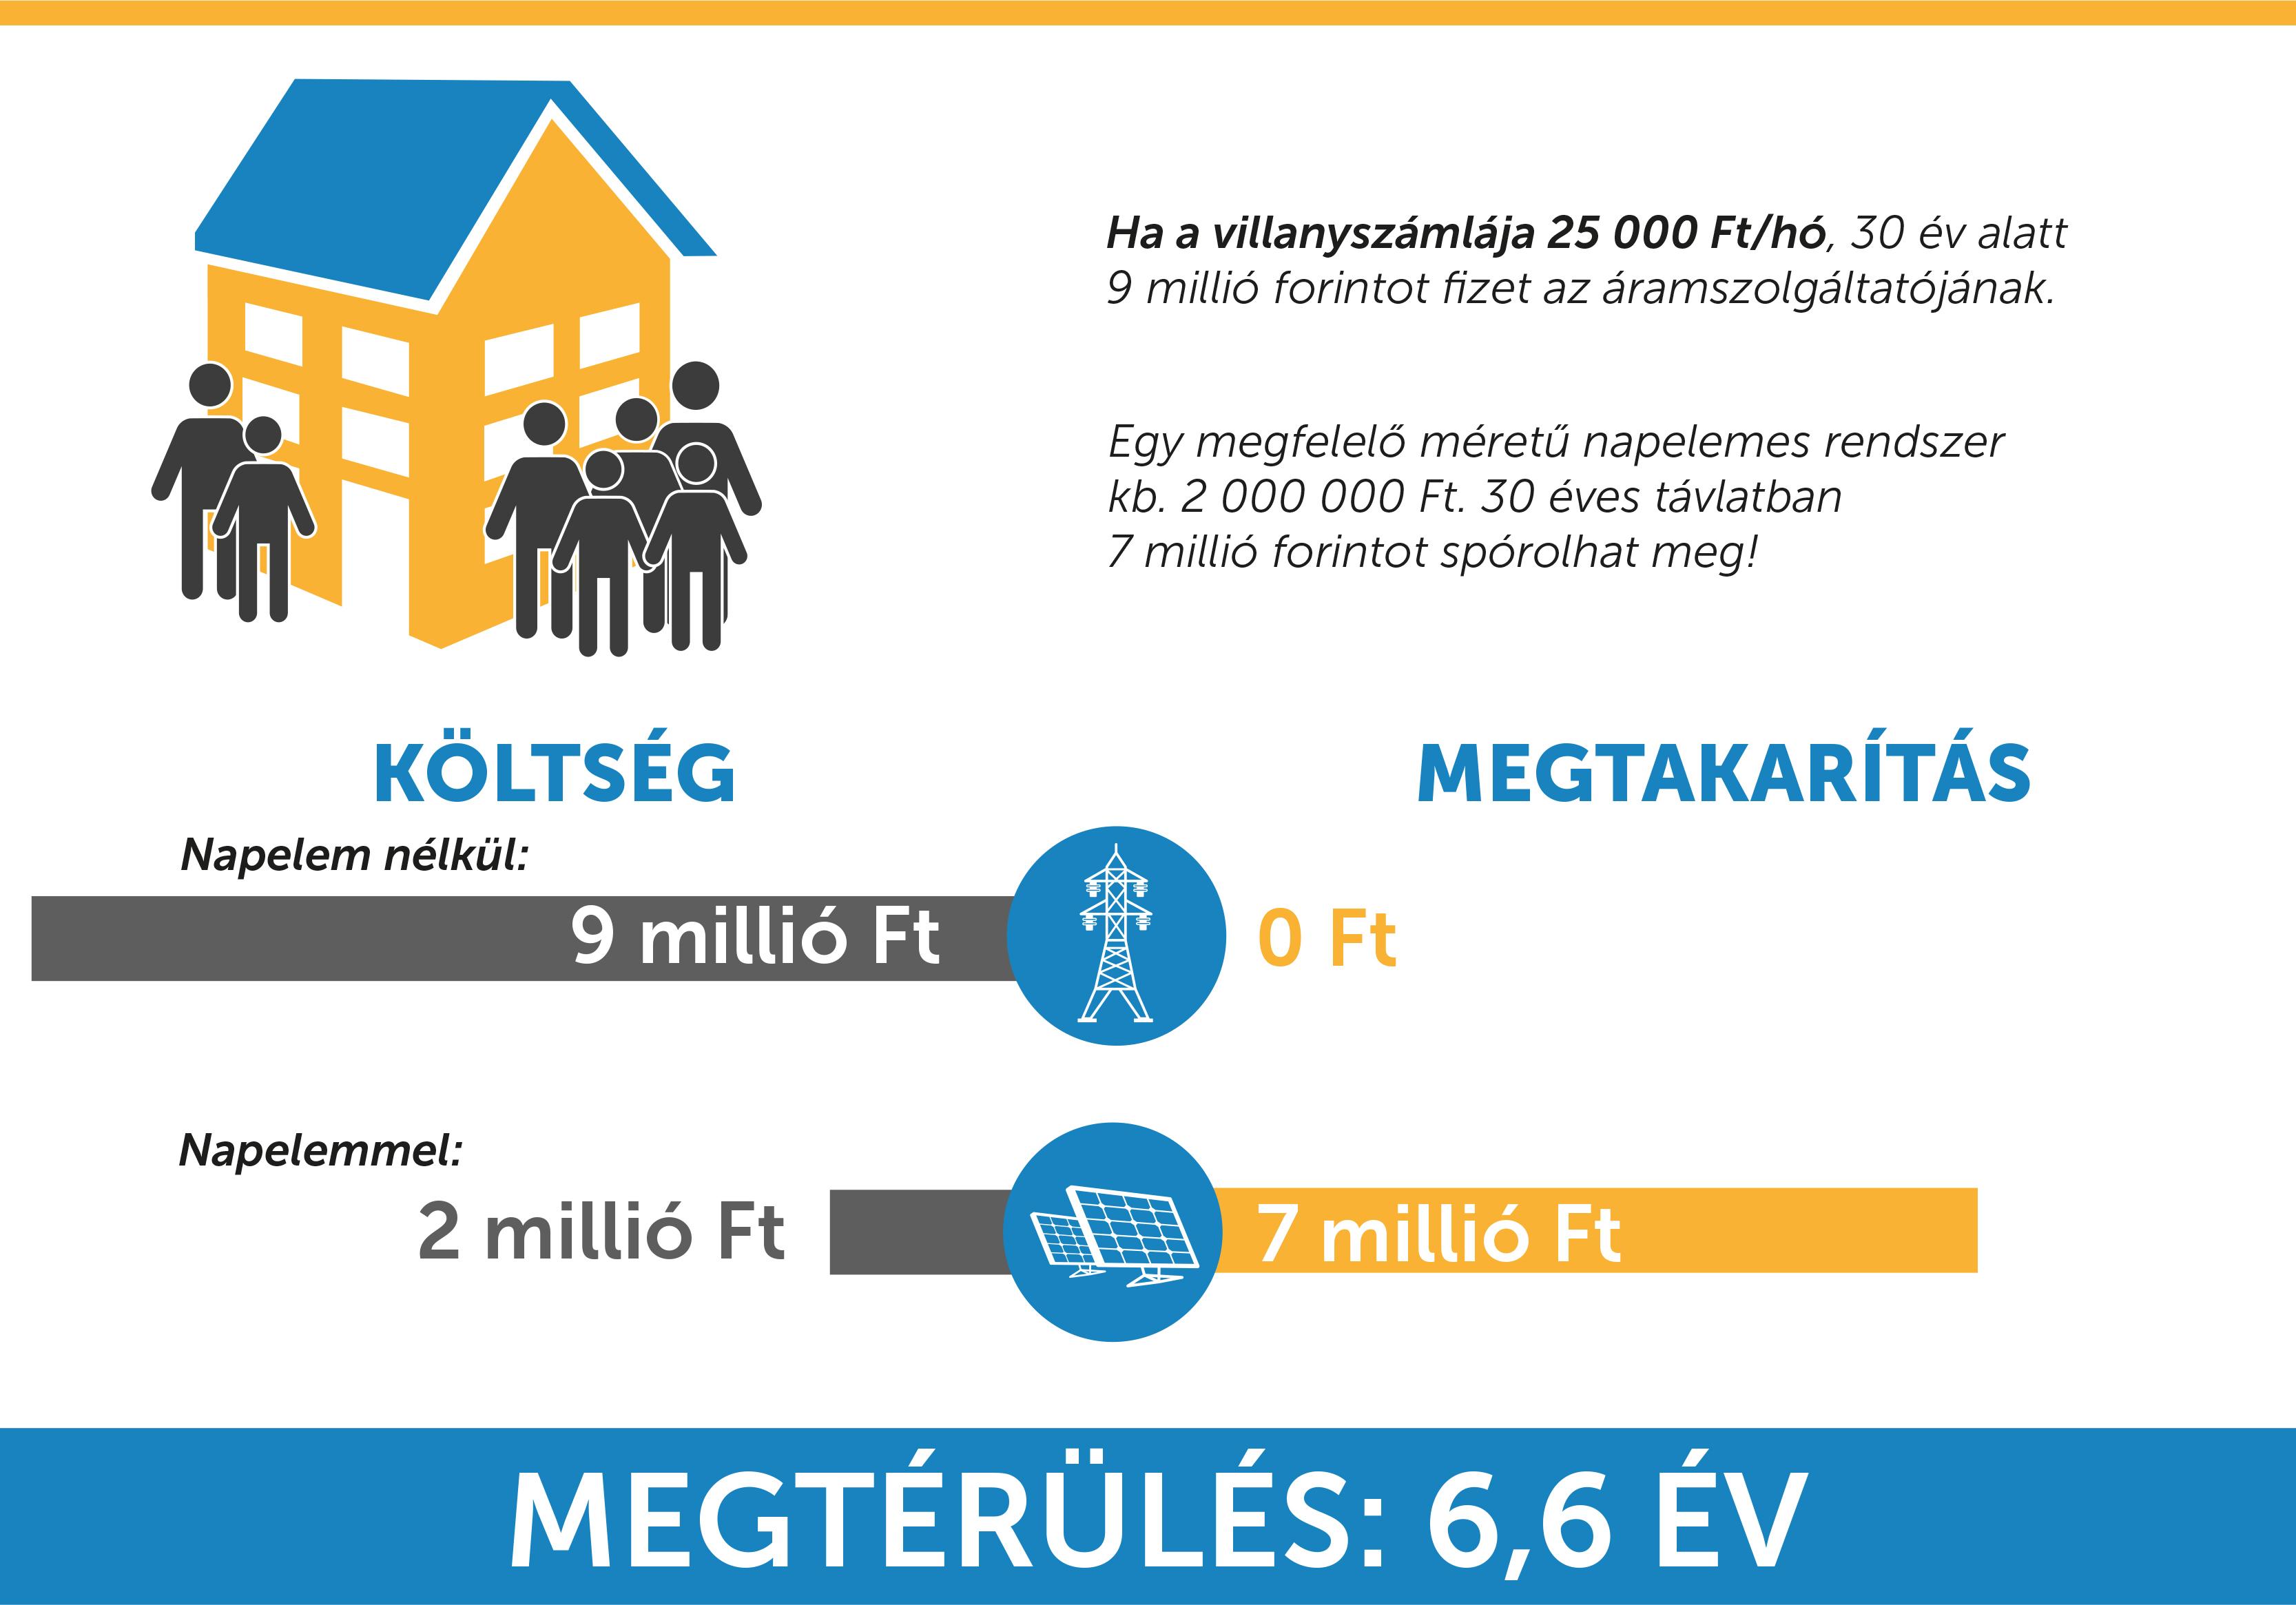 energiafuggetlenseg_infografika_4_3.jpg